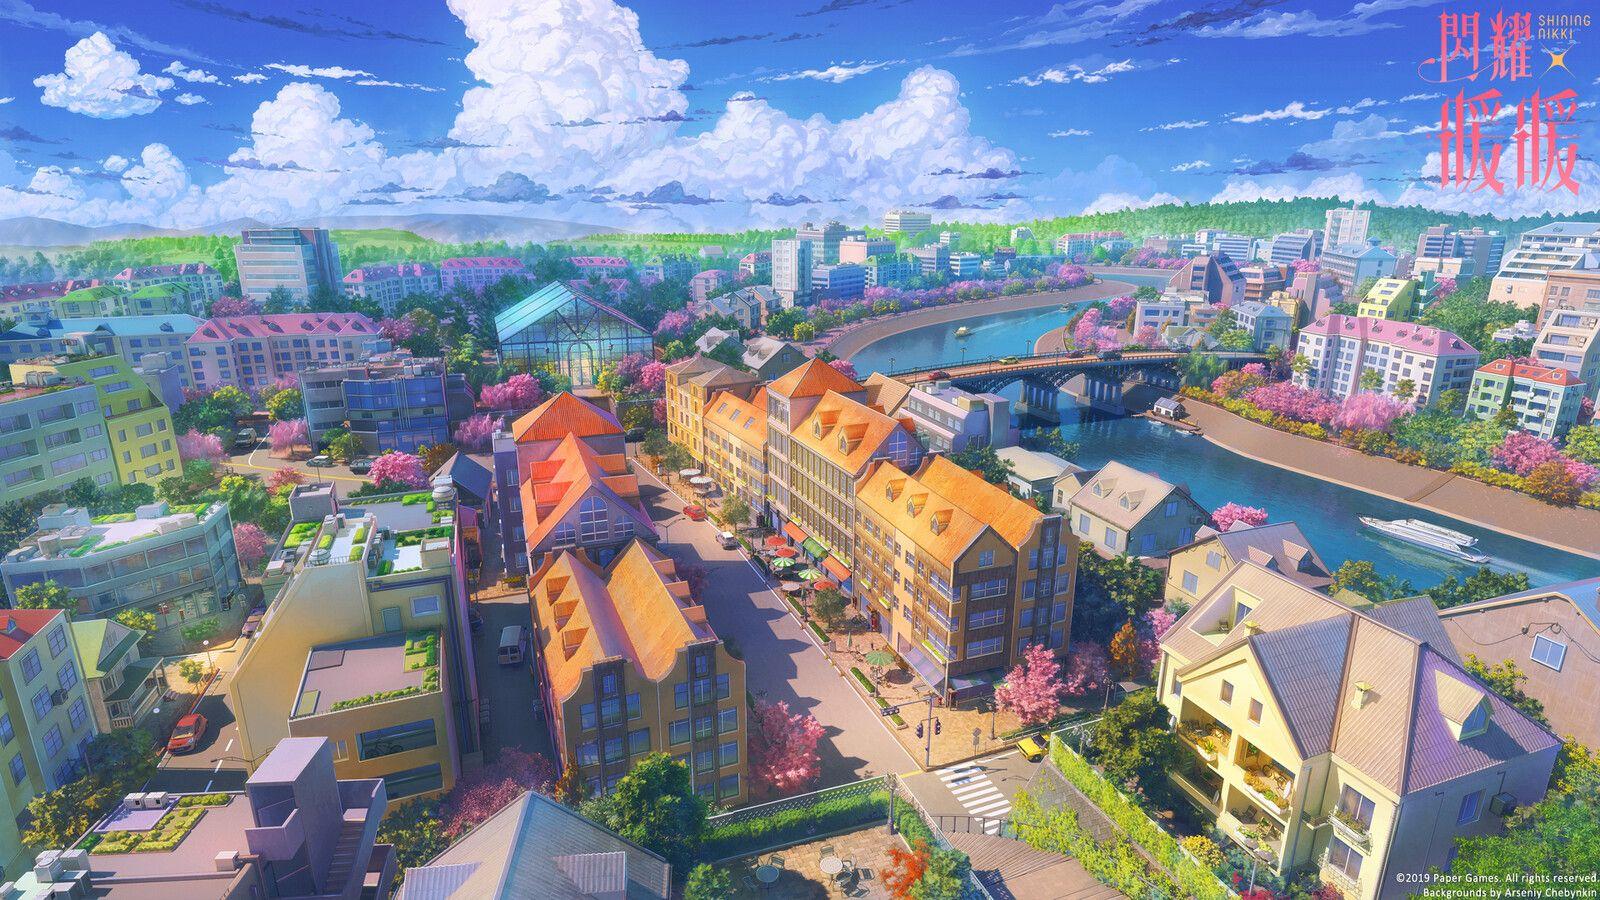 Garden city [Shining Nikki], Arseniy Chebynkin